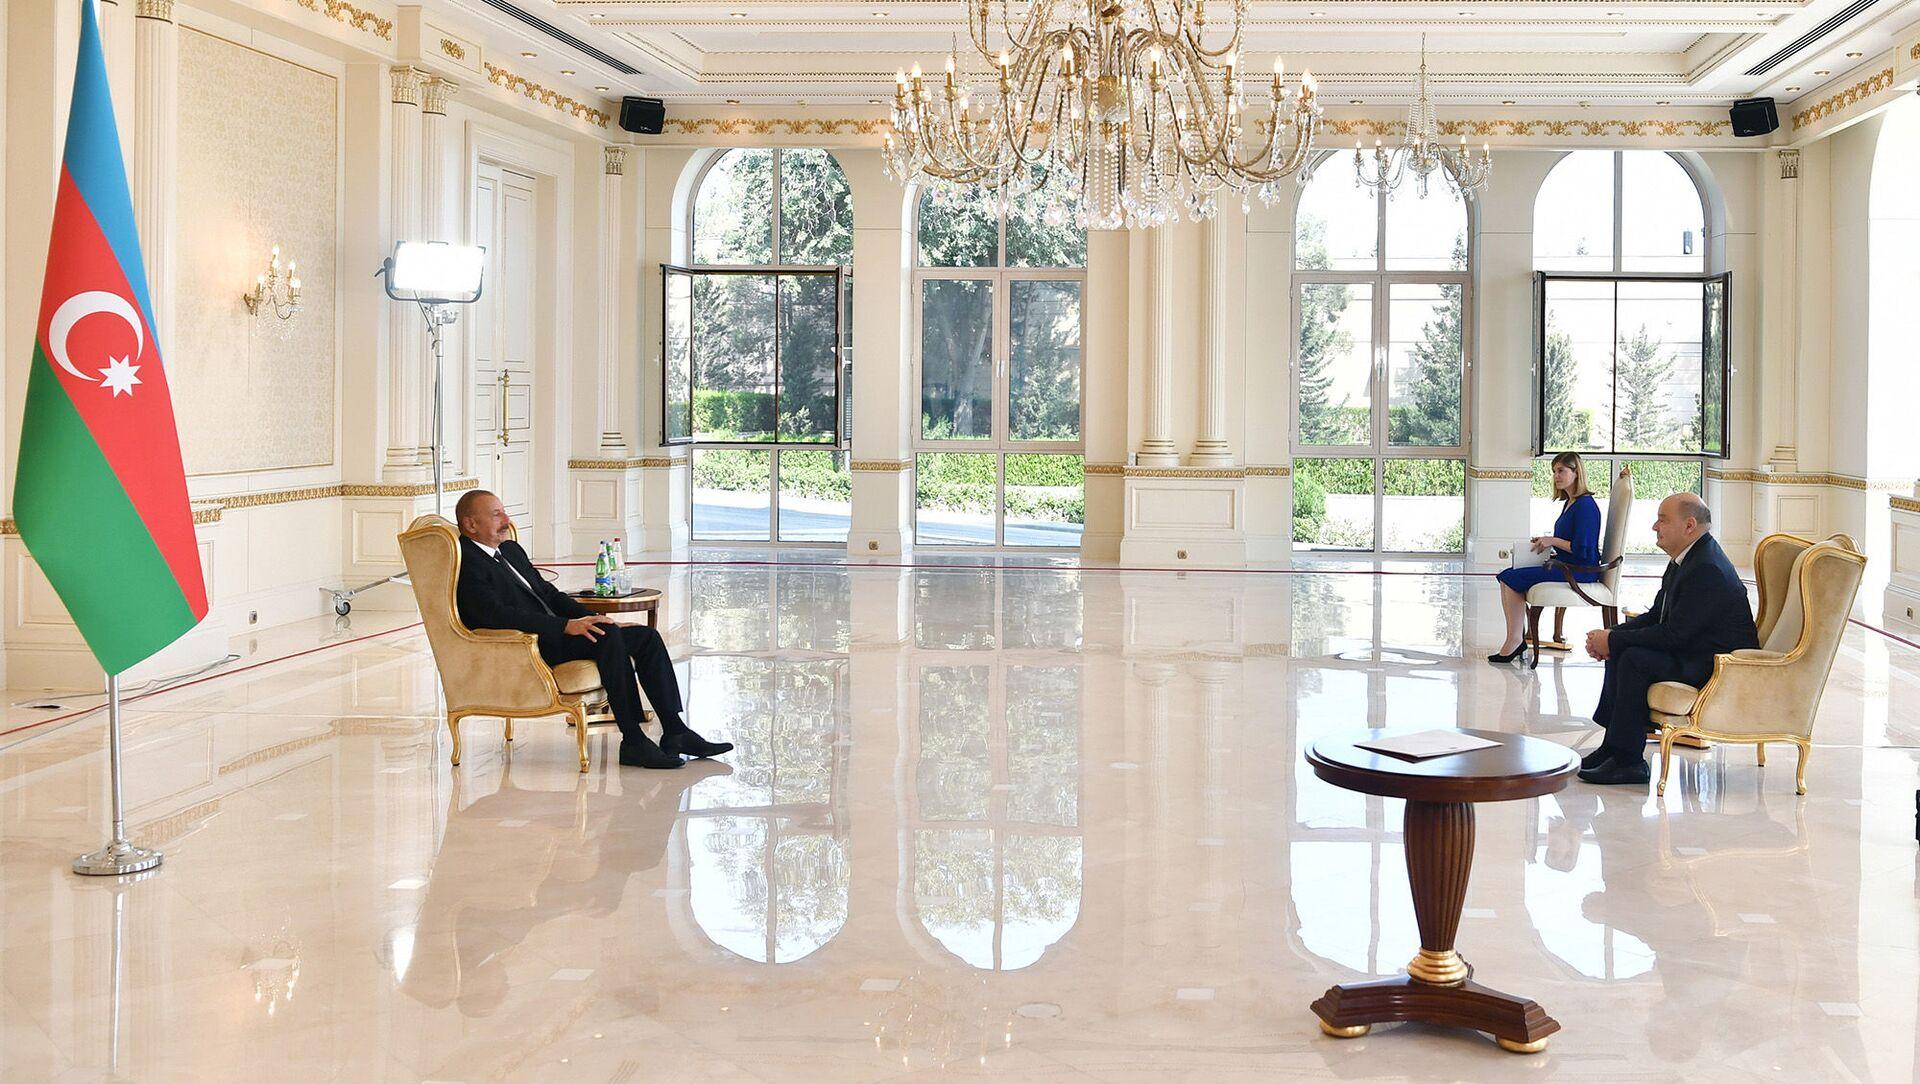 Президент Ильхам Алиев принял верительные грамоты новоназначенного посла Бельгии в Азербайджане - Sputnik Азербайджан, 1920, 24.08.2021